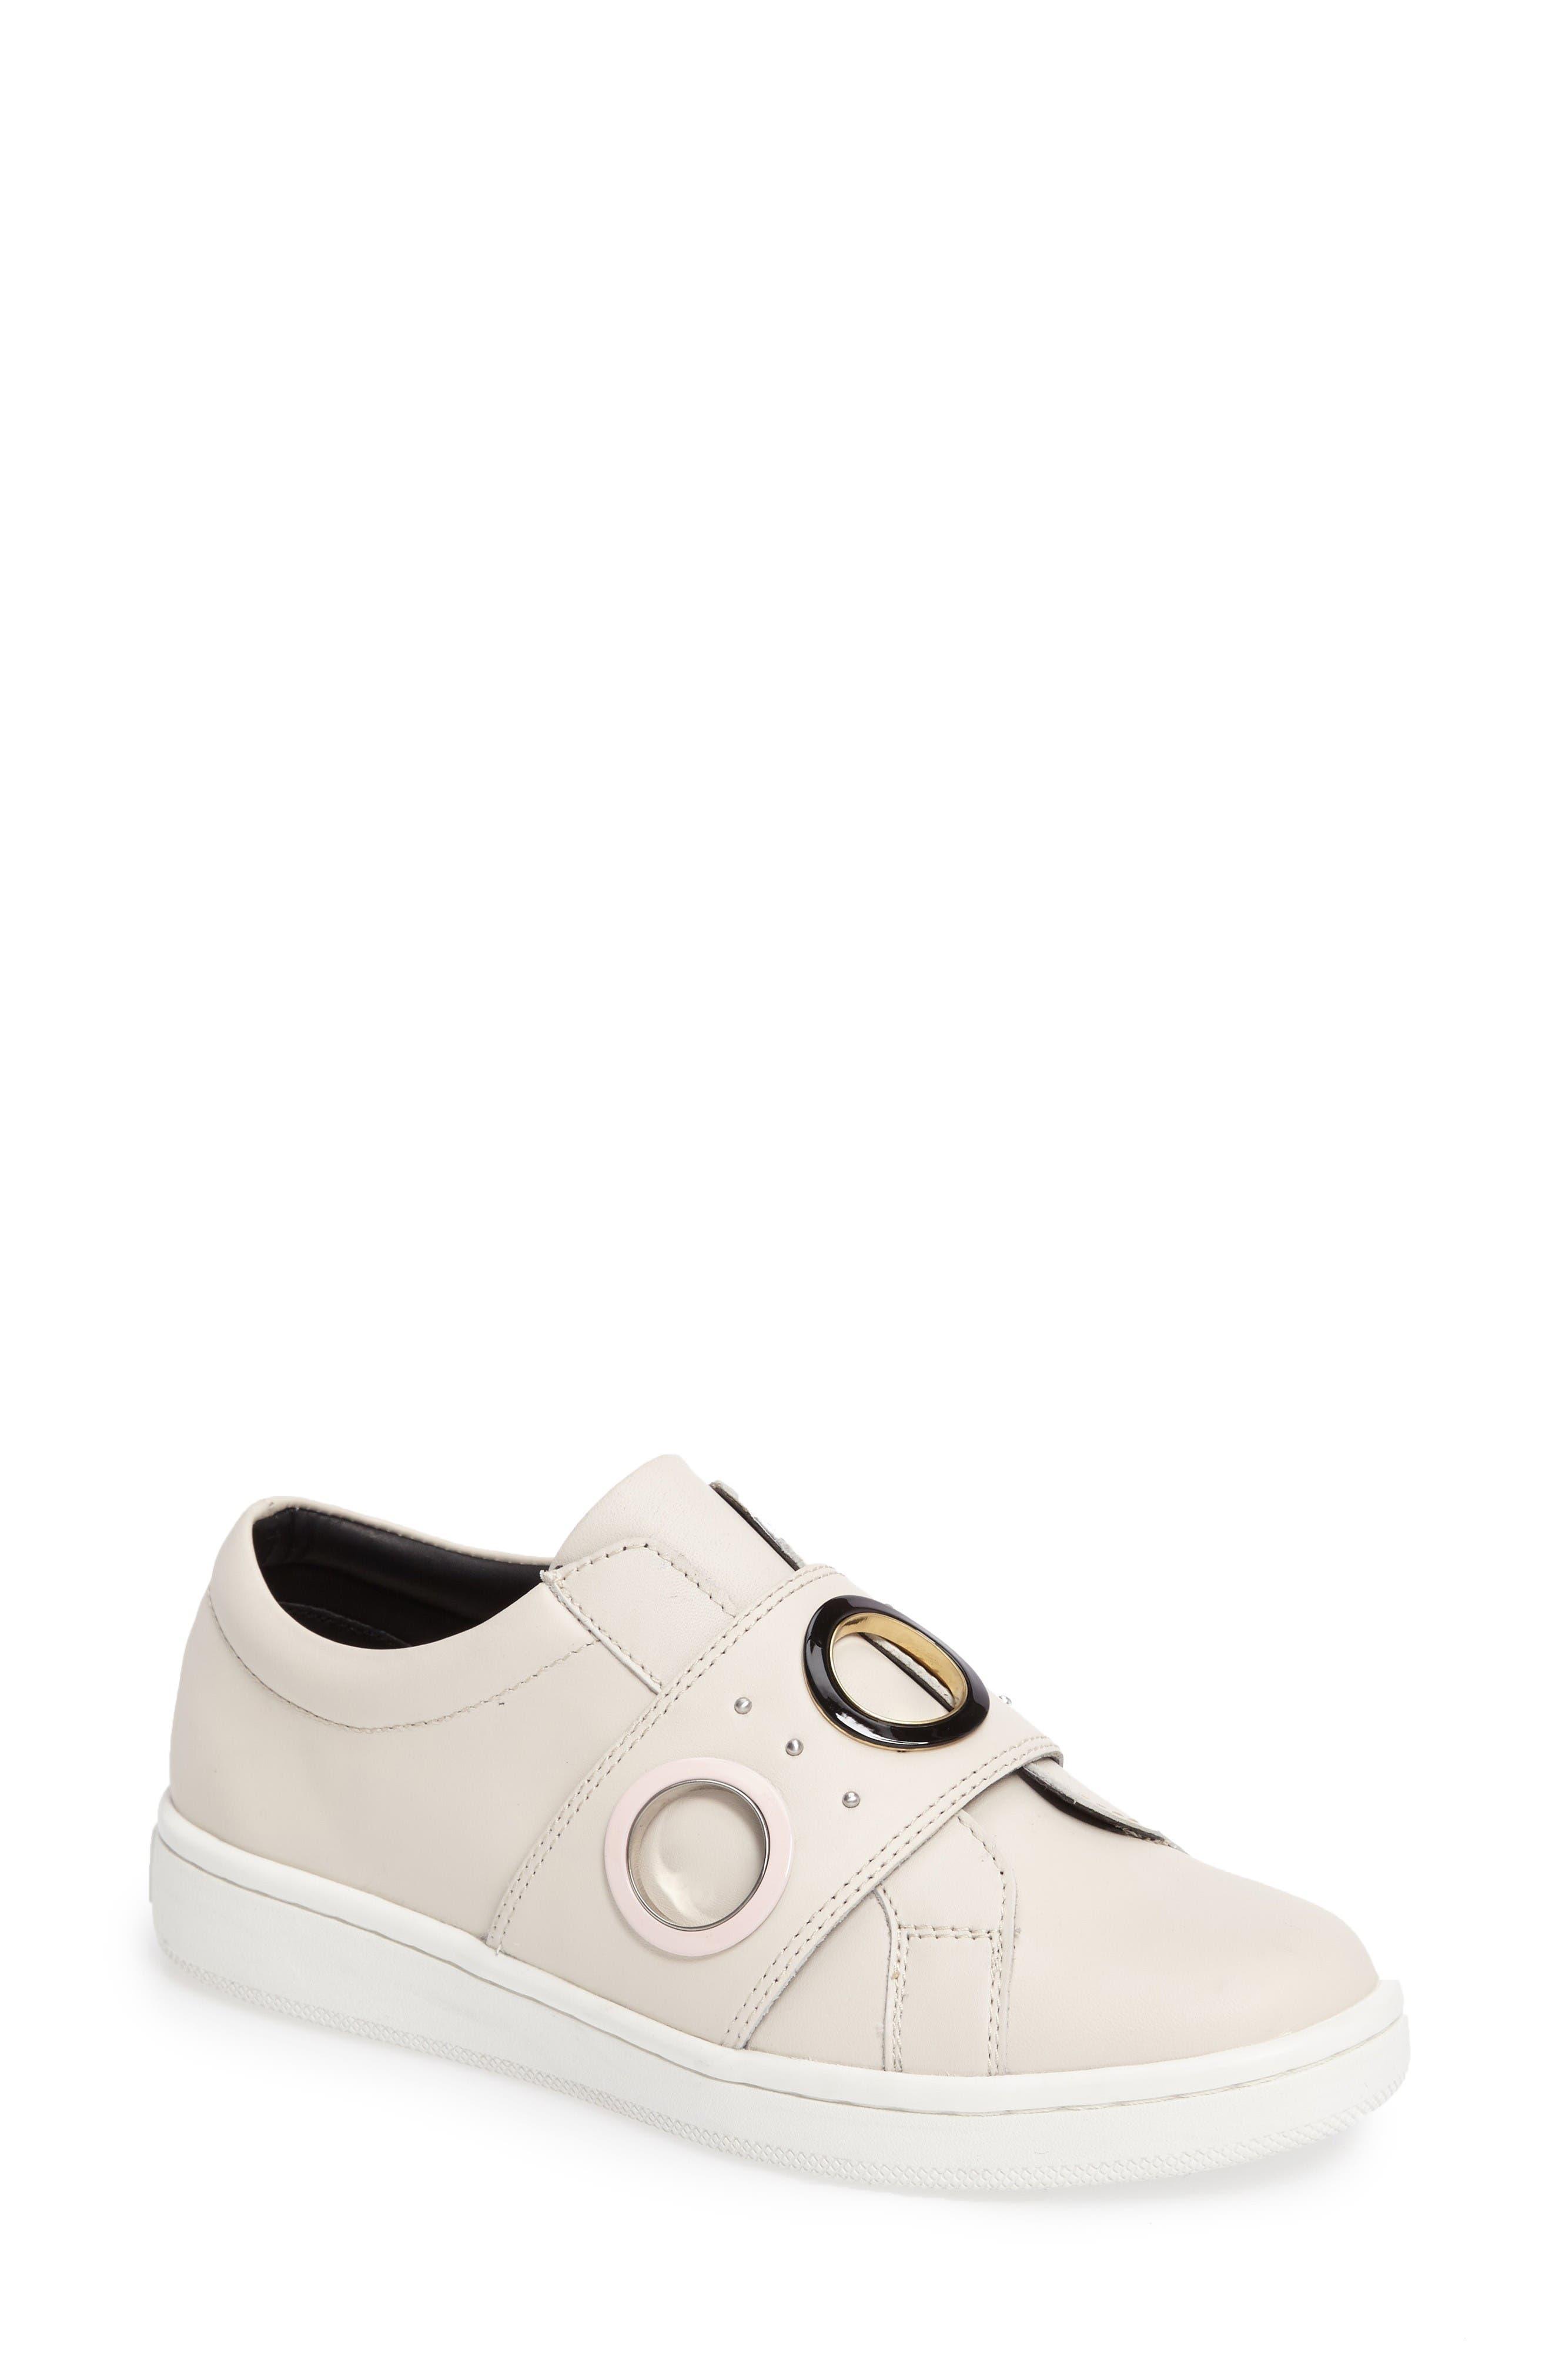 Main Image - Calvin Klein Danette Slip-On Sneaker (Women)